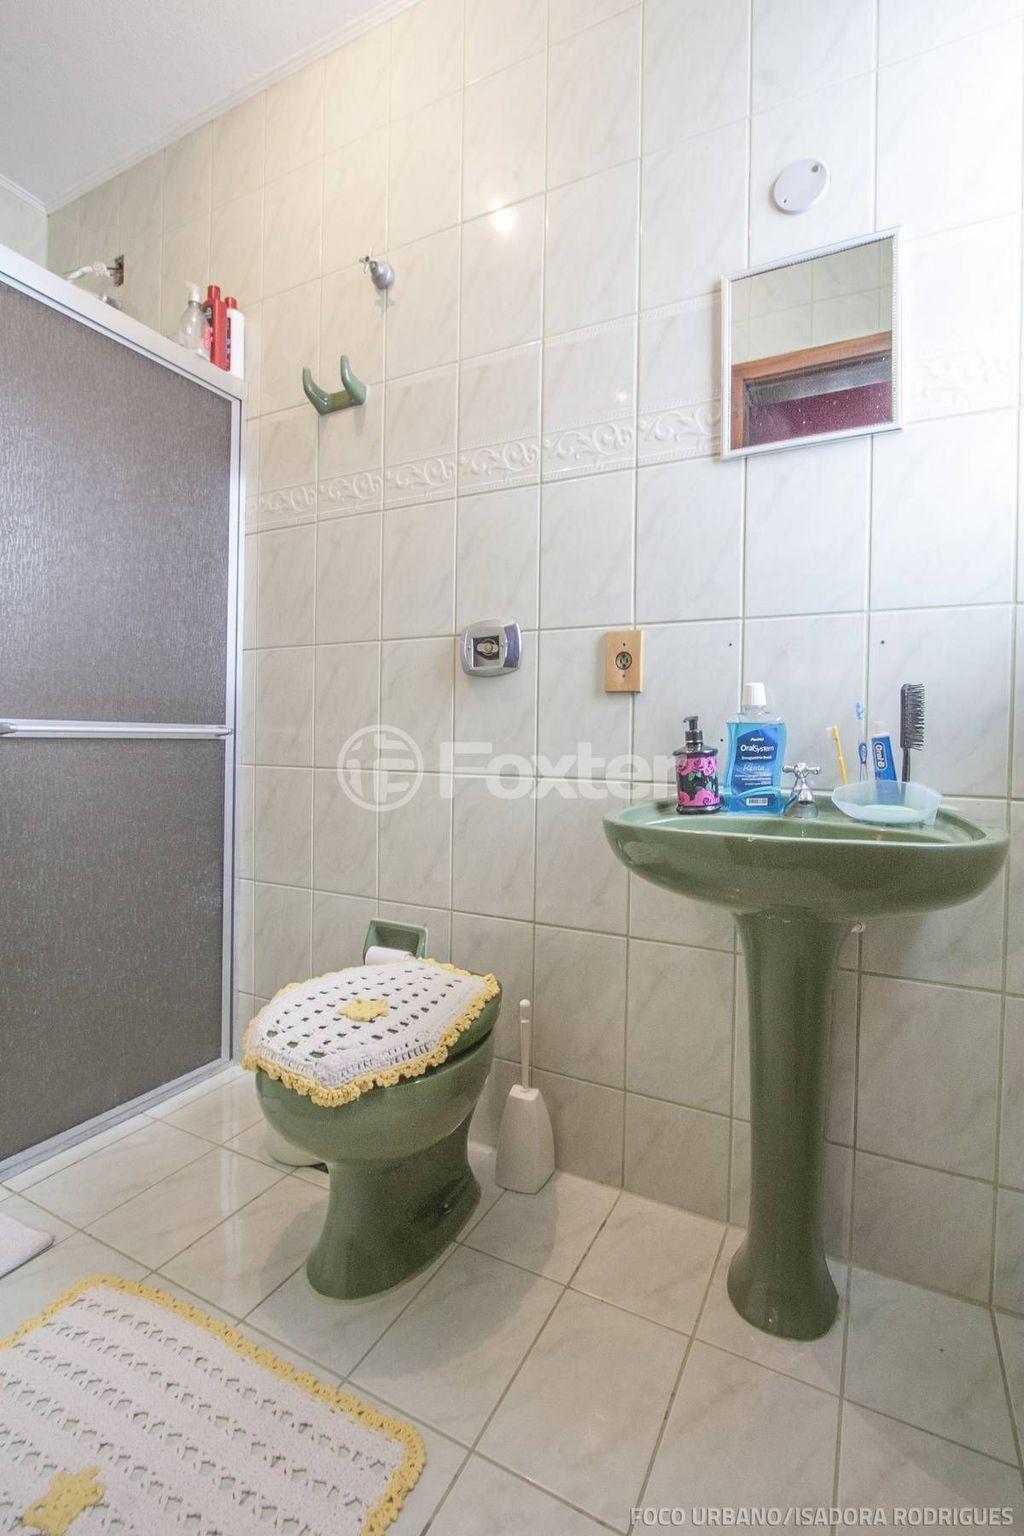 Foxter Imobiliária - Apto 1 Dorm, Vila Jardim - Foto 14